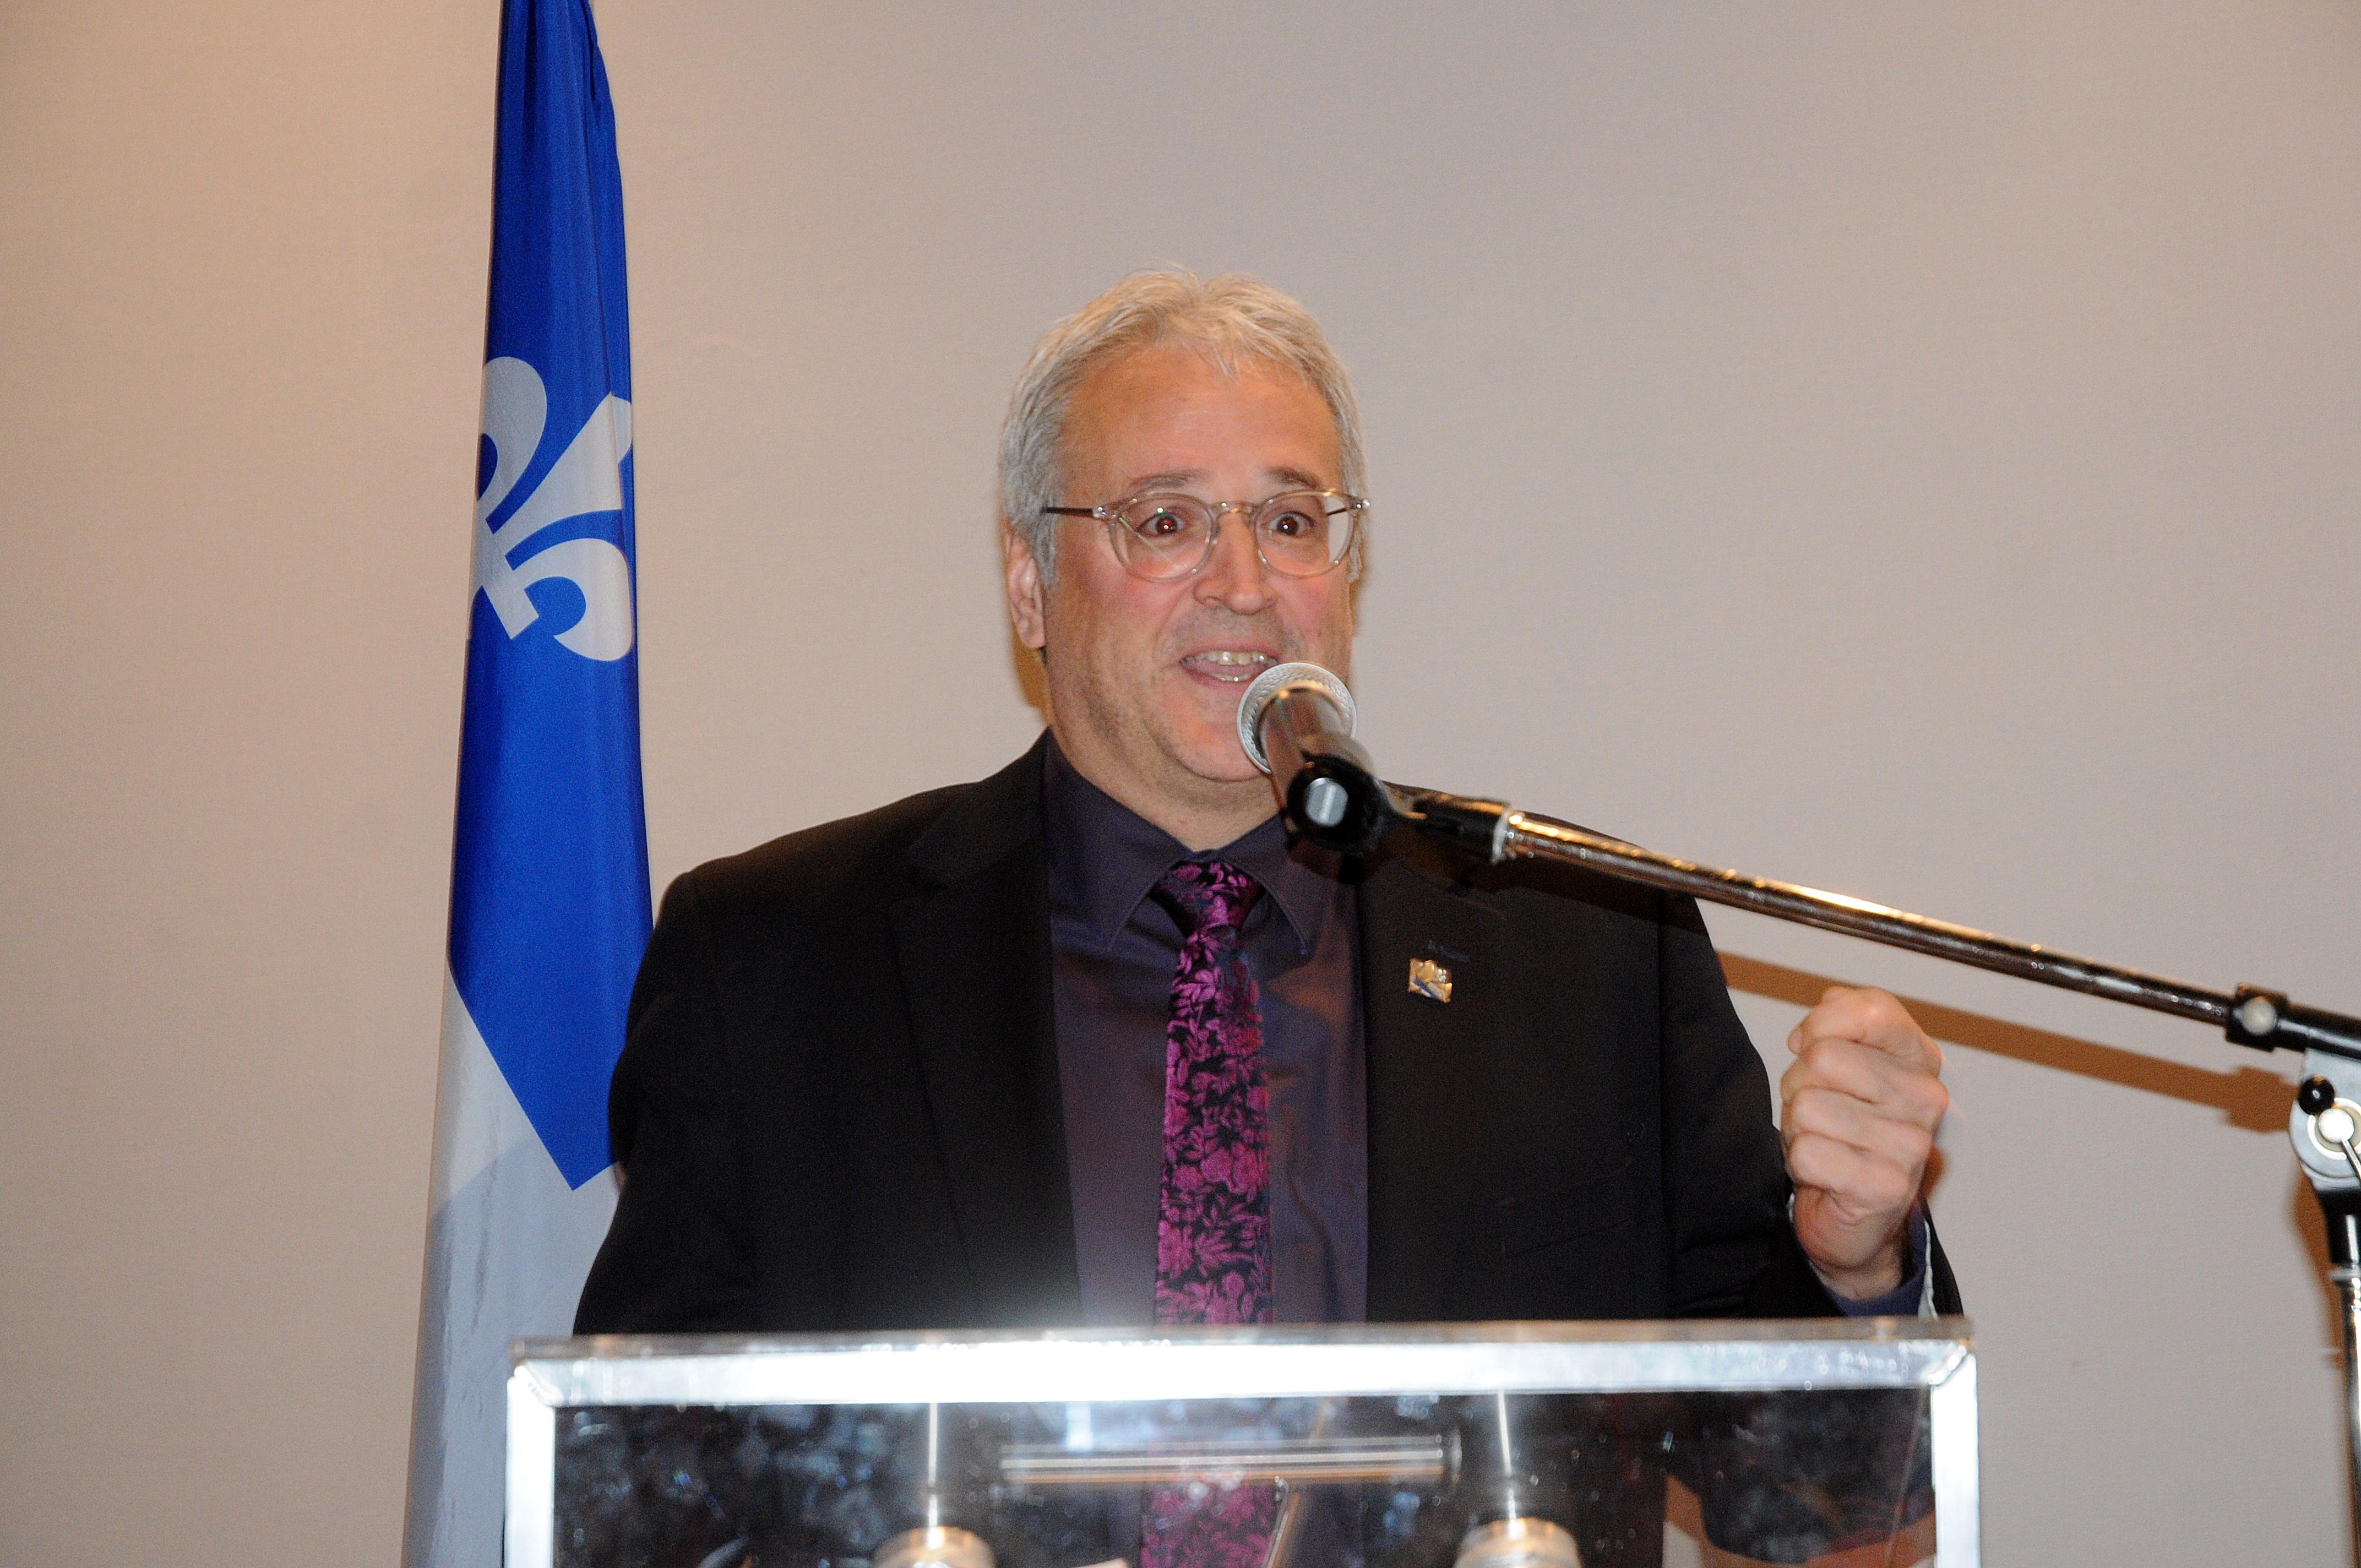 Pierre Dufour - FARR